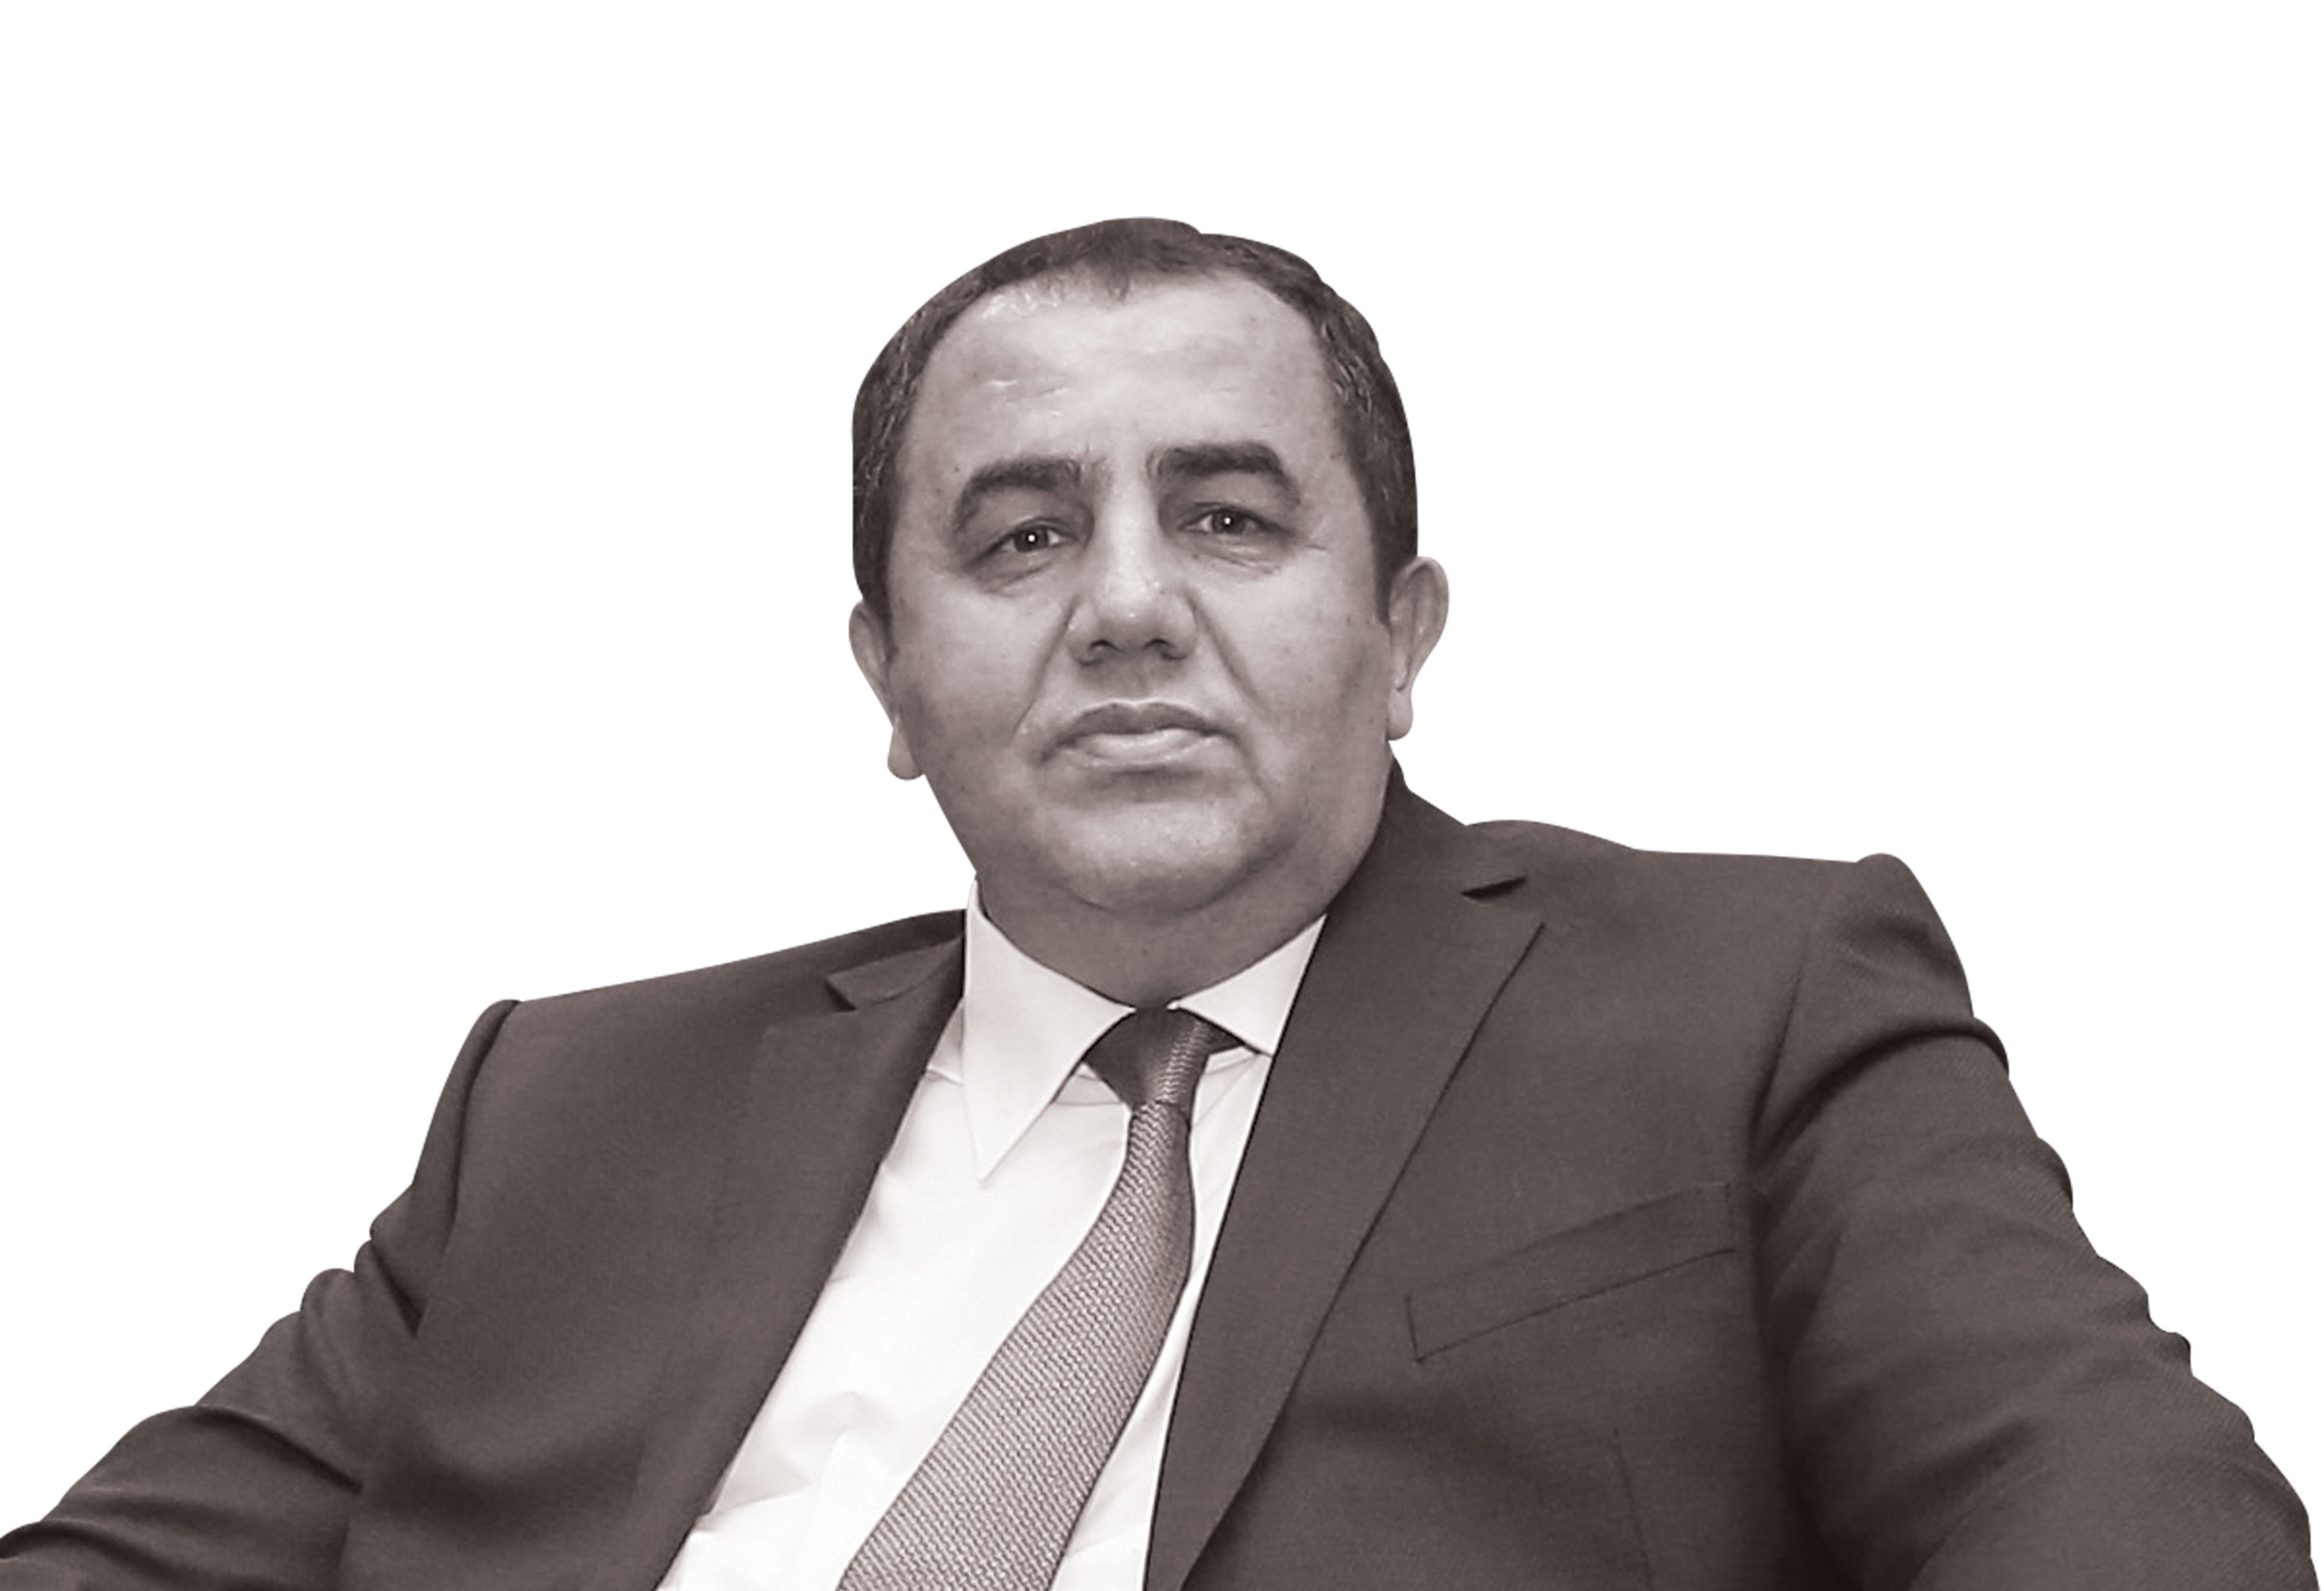 NuriGürcan